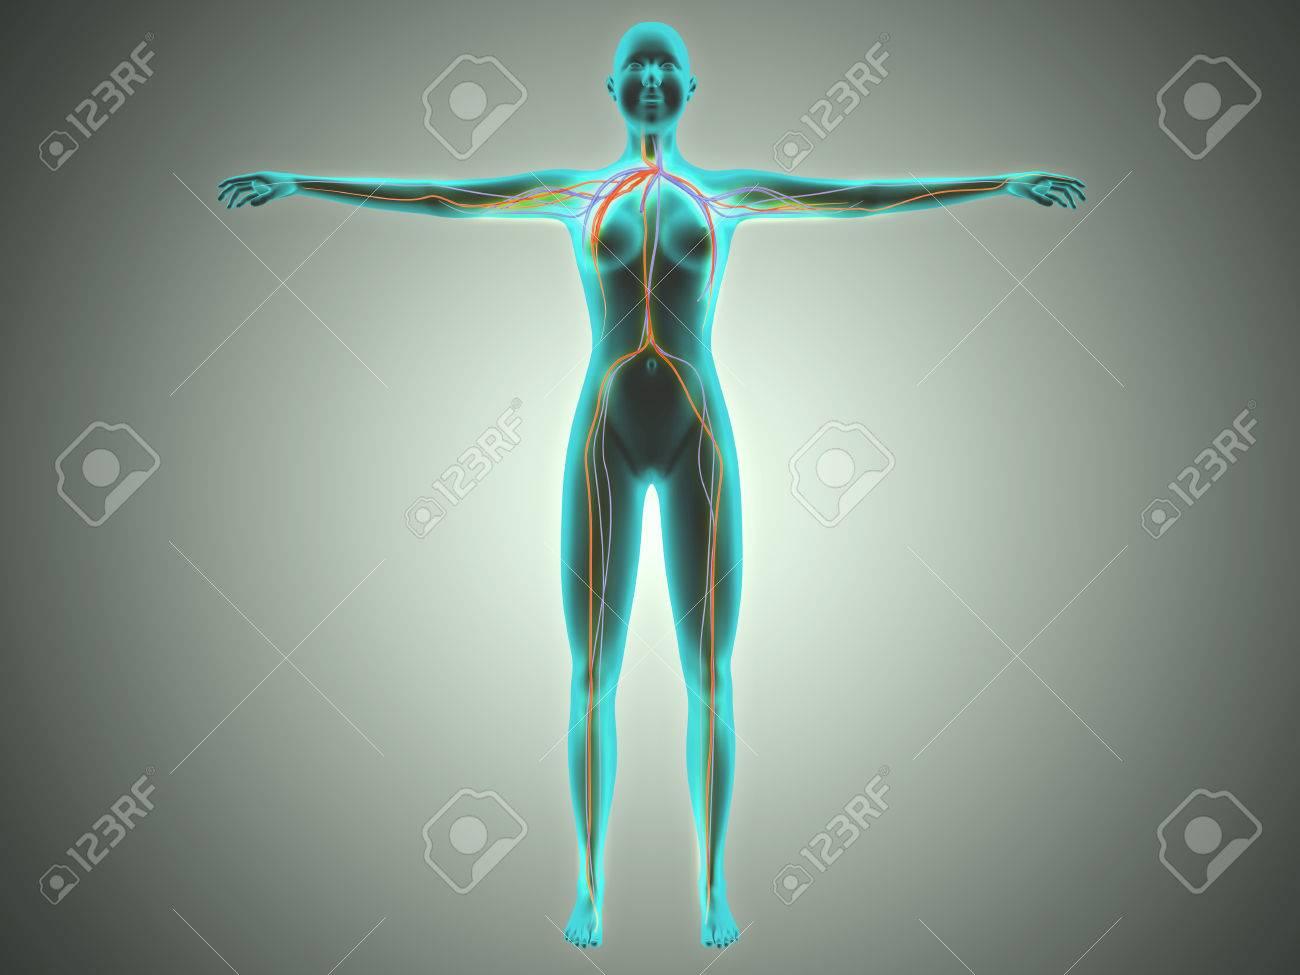 Anatomie Des Weiblichen Körpers Mit Arterien Und Venen. Lizenzfreie ...